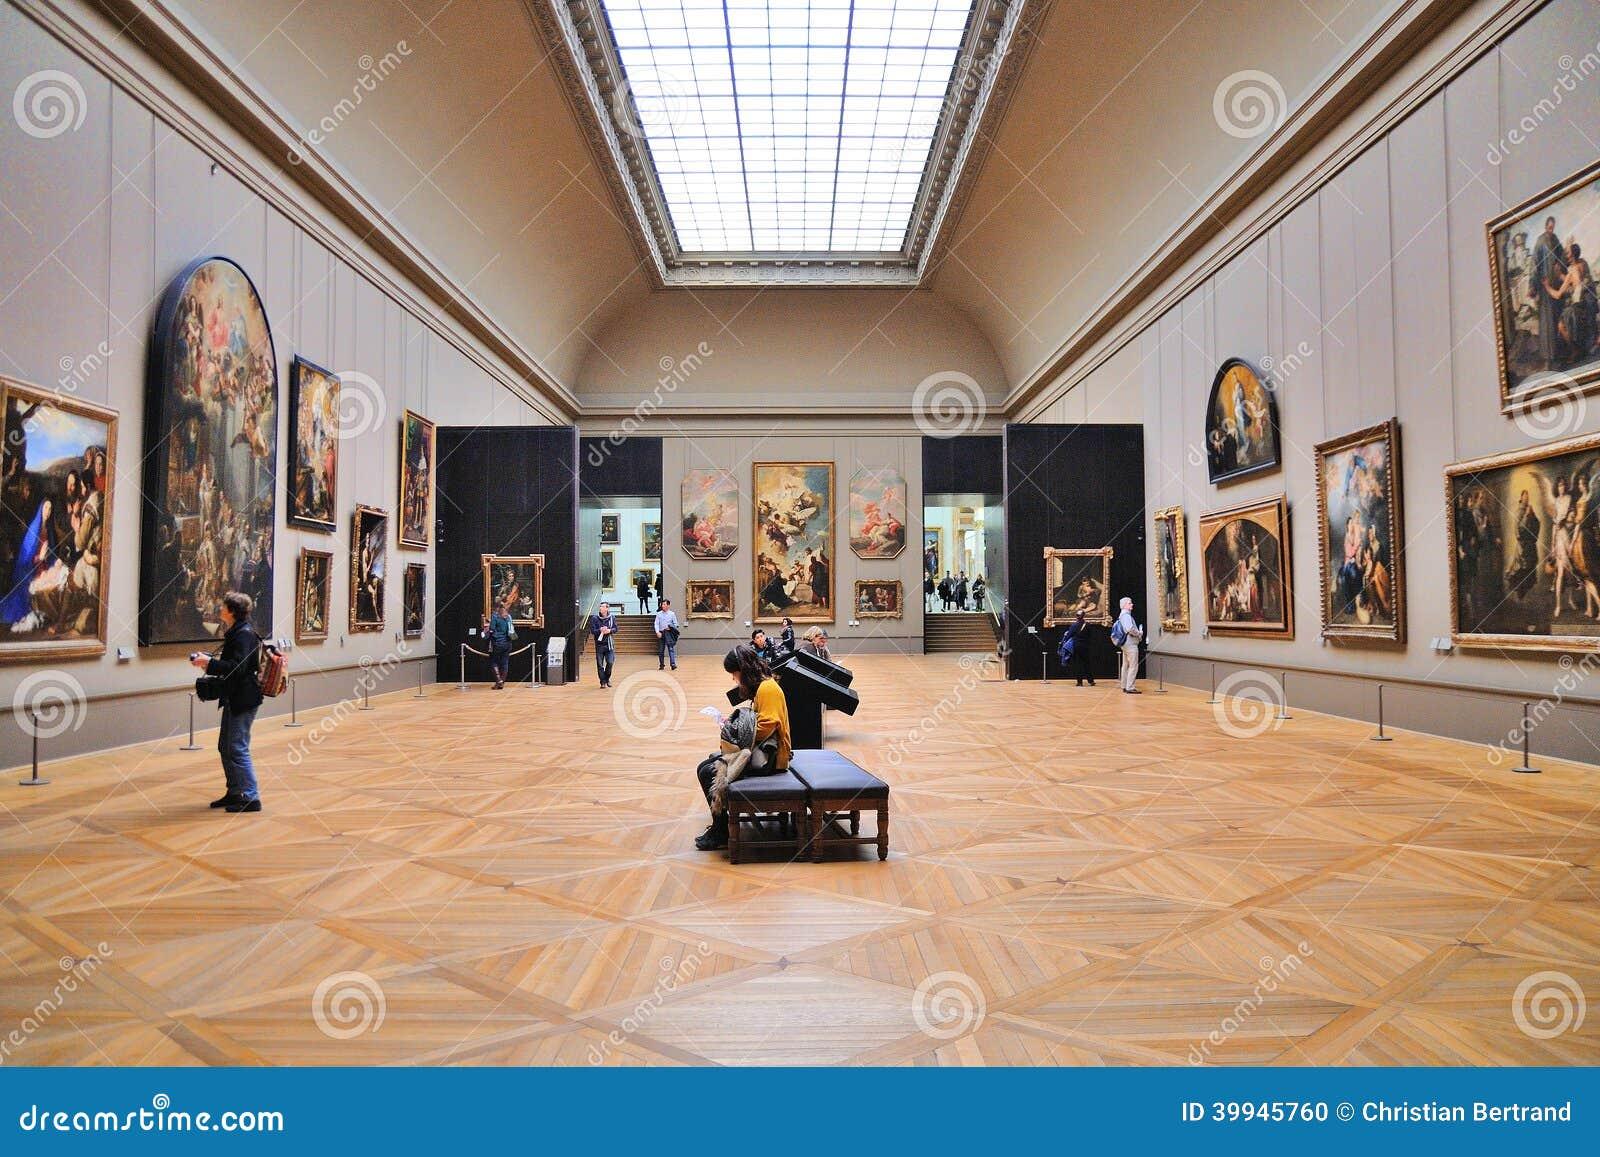 Leute Innerhalb Des Louvre-Museums (Musee Du Louvre) Redaktionelles ...